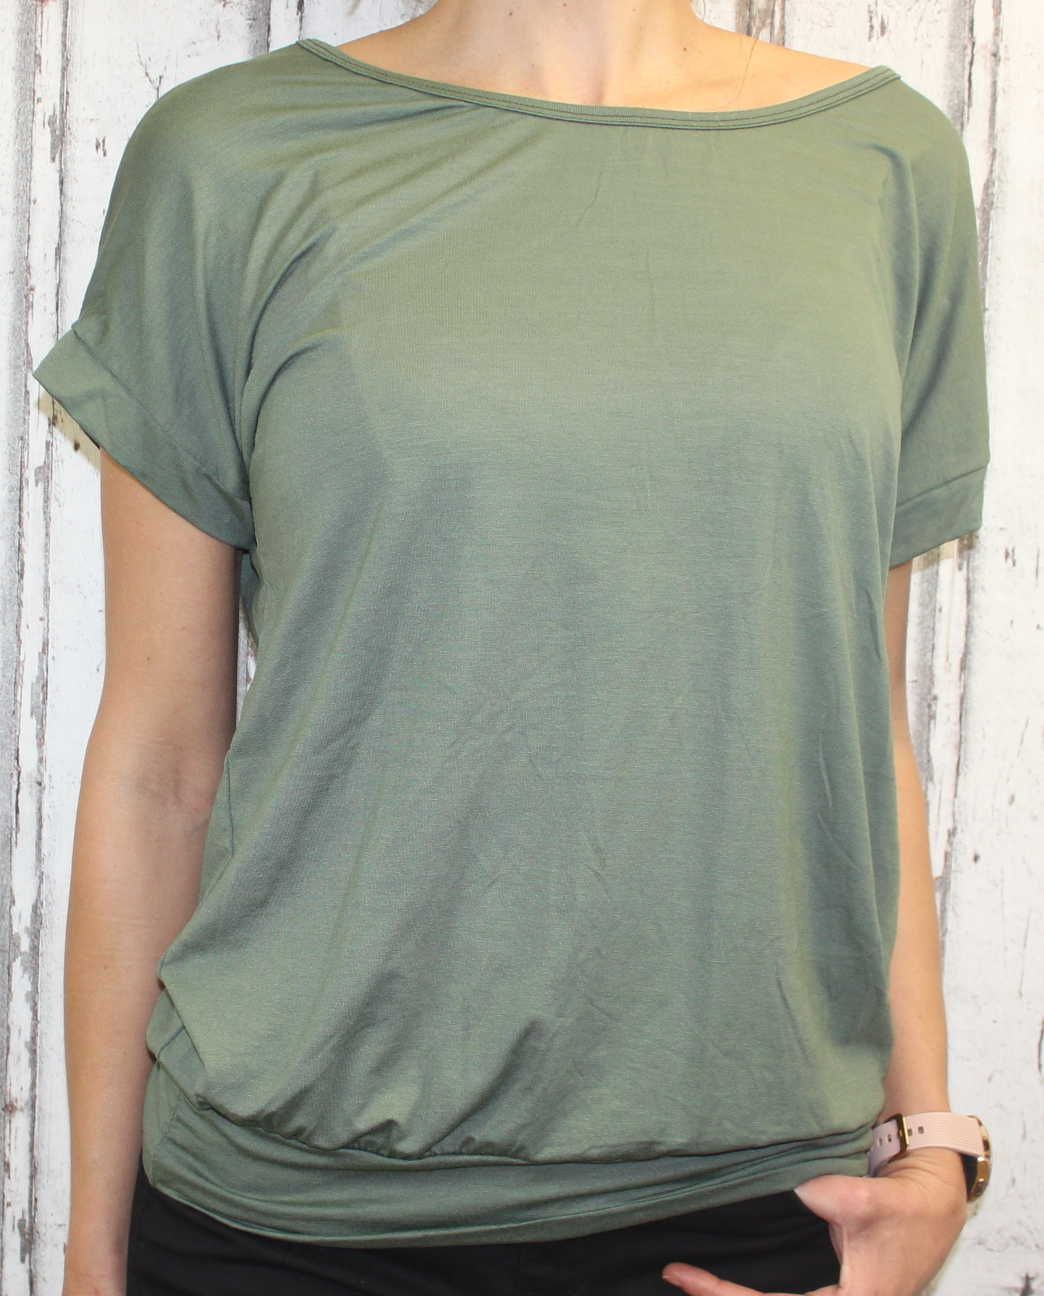 Dámské tričko krátký rukáv, tričko spadlá ramena, dámské volné triko, pohodlné dámské tričko, dámská tunika, tunika s průstřihem na zádech, volné tričko přes břicho, tričko s rantlem, khaki volné tričko Italy Moda